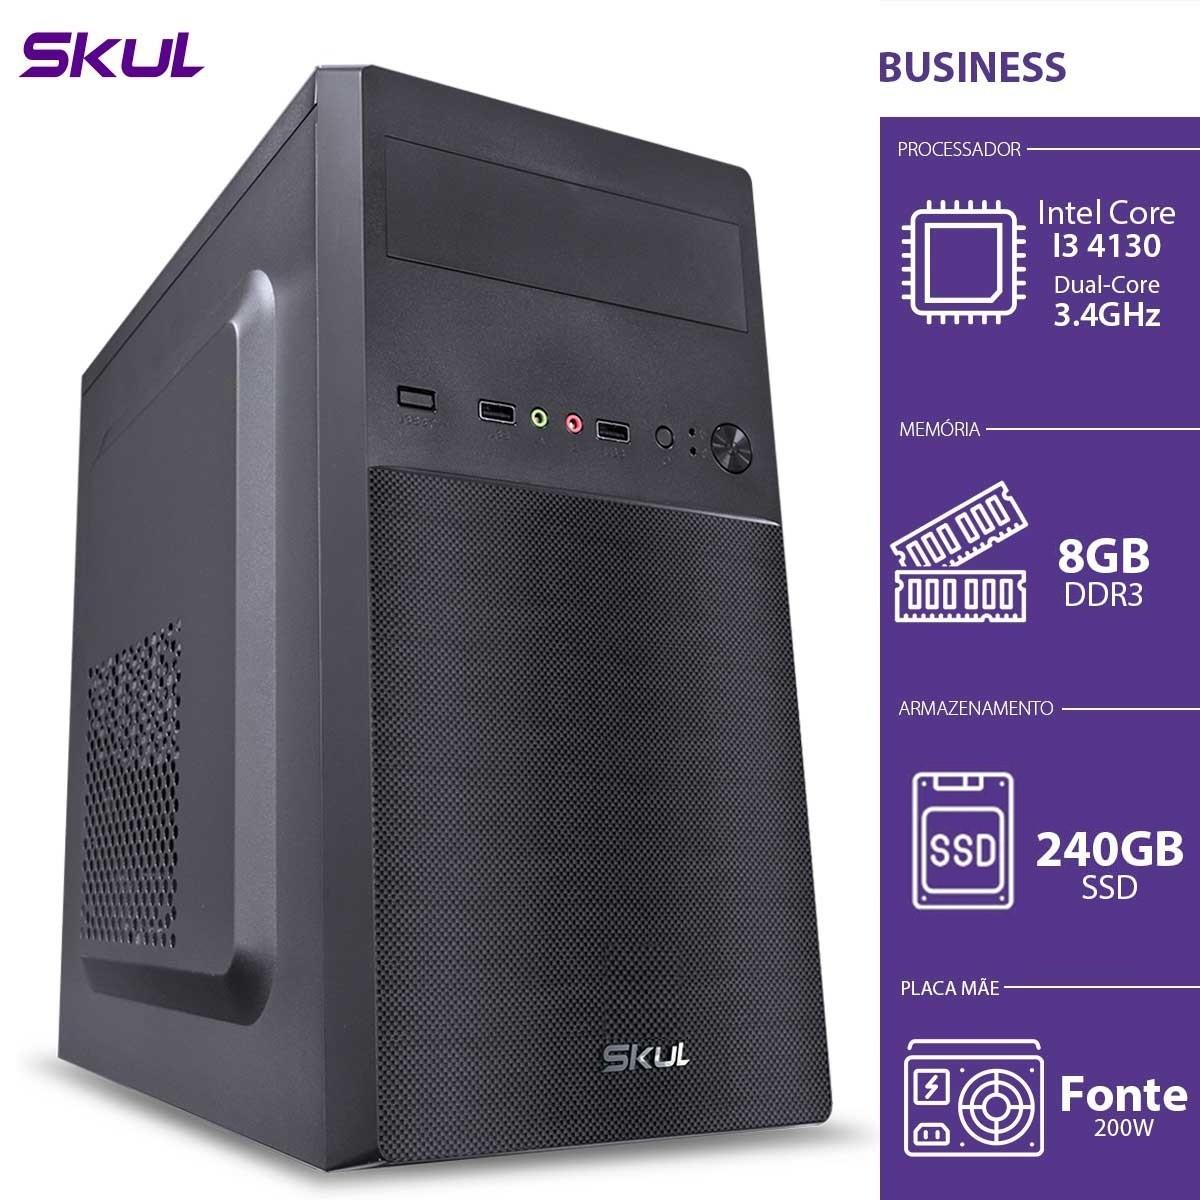 Computador Business B300 - I3-4130 3.4GHZ 8GB DDR3 SSD 240GB HDMI/VGA Fonte 200W